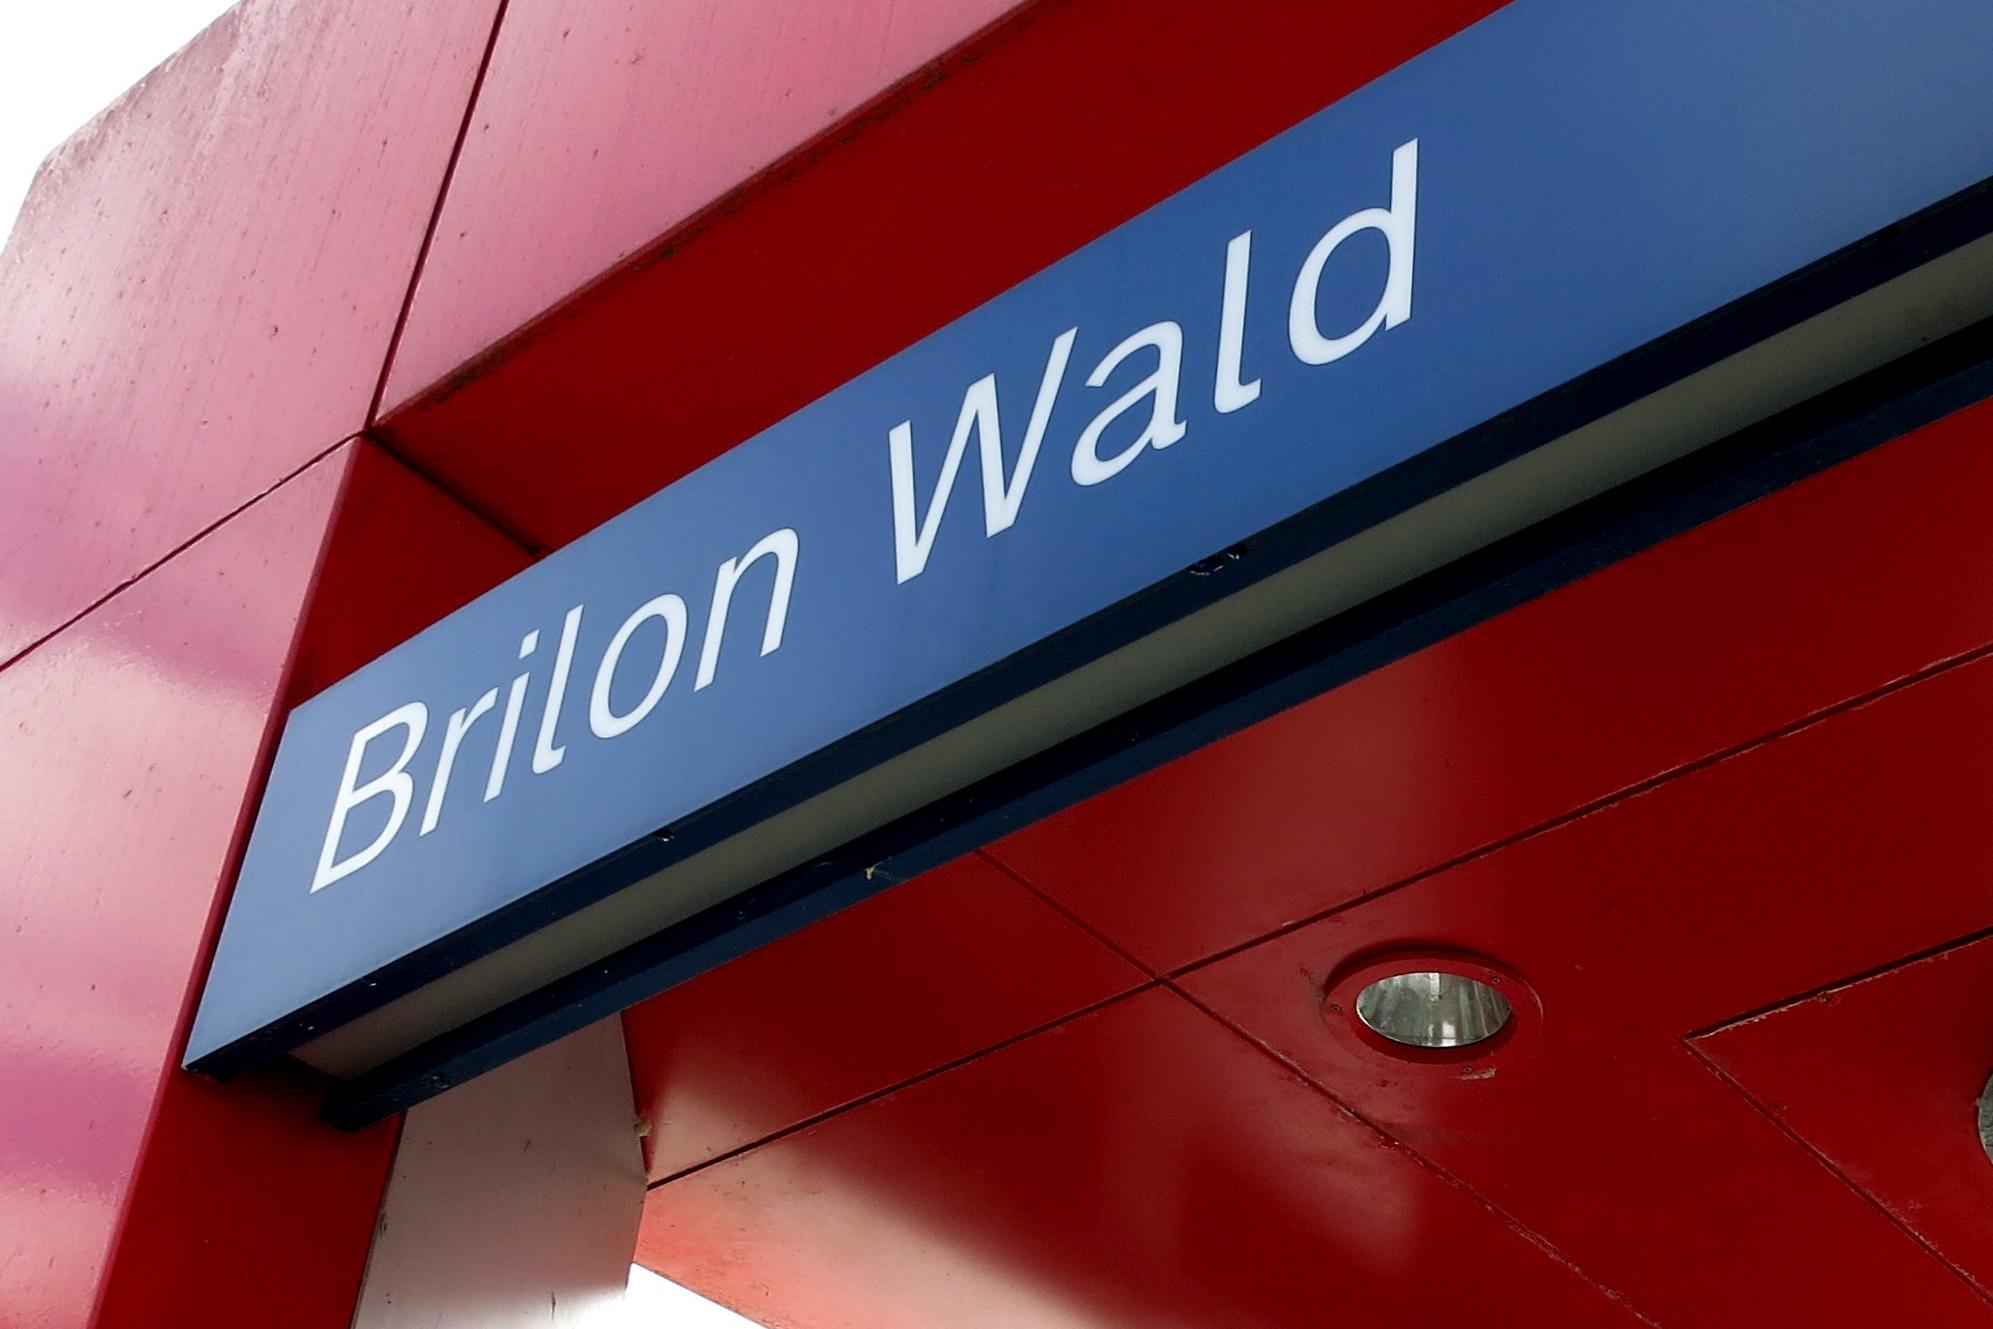 Bahnhofsschild BrilonWald